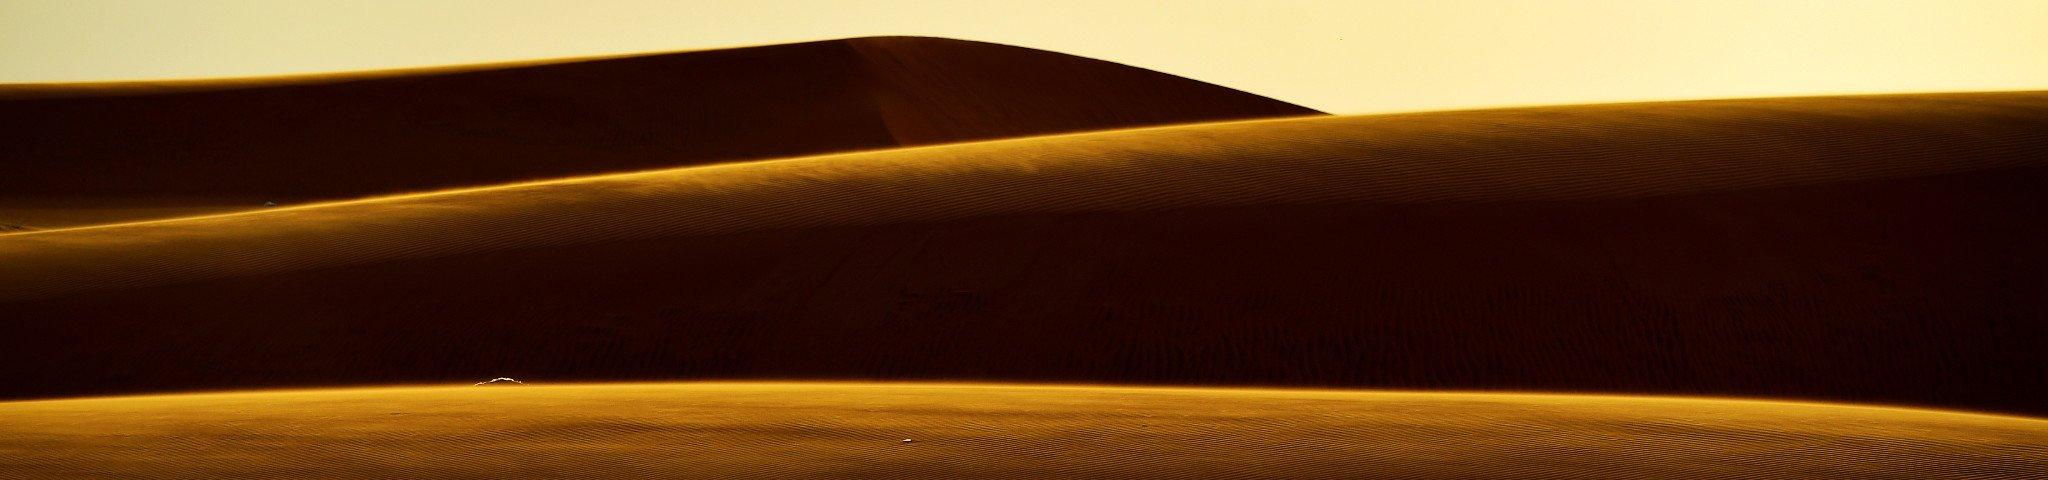 左手大海,右手沙漠,景色让人心胸开阔